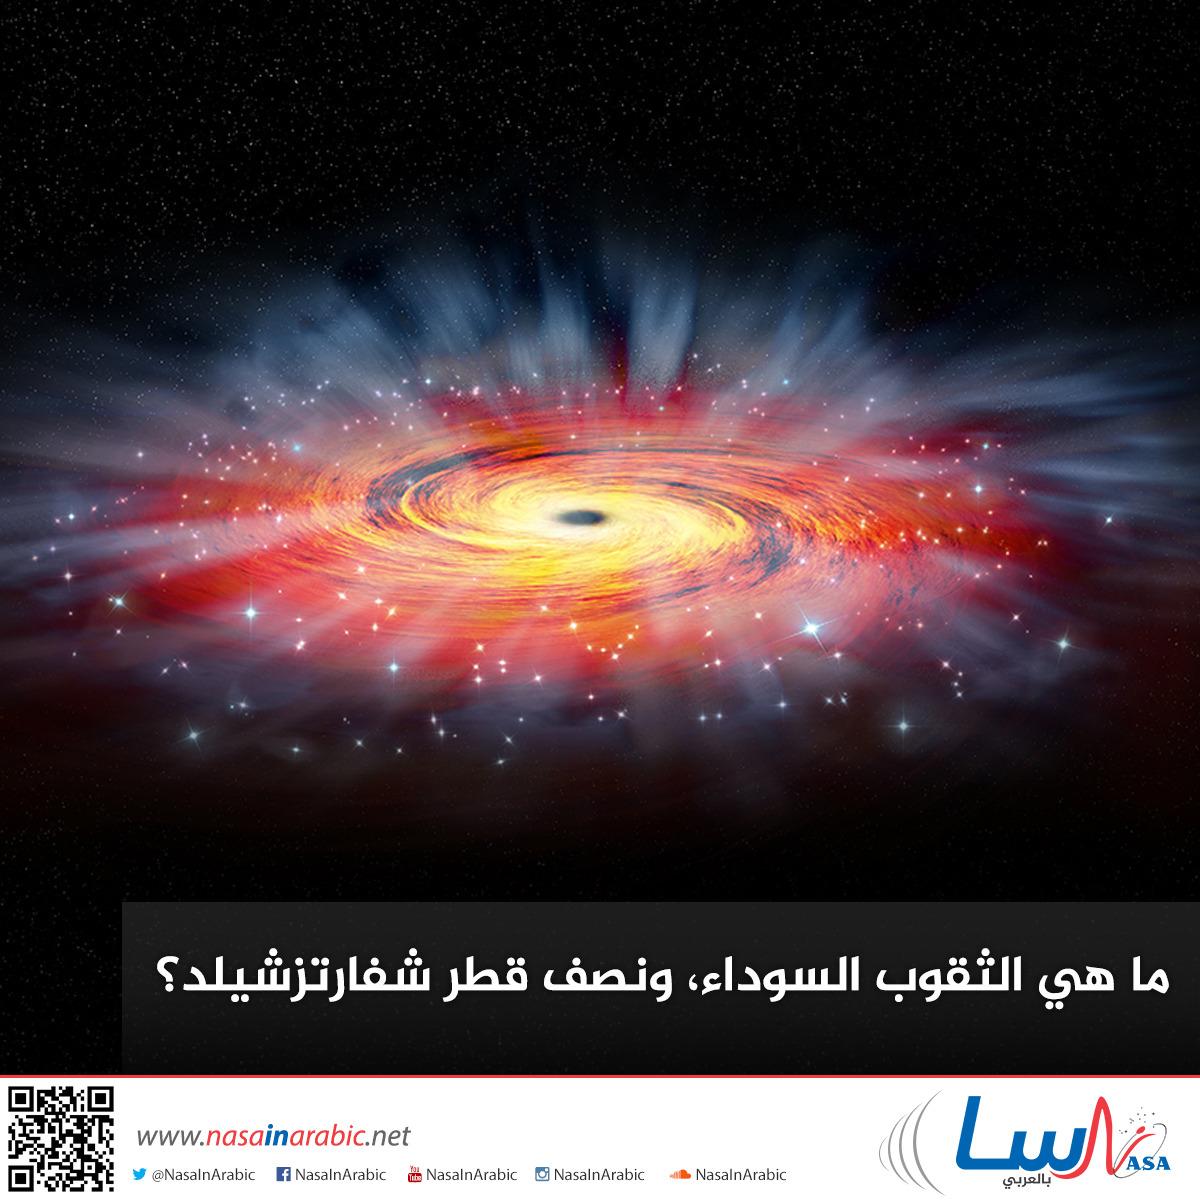 ما هي الثقوب السوداء، ونصف قطر شفارتزشيلد؟